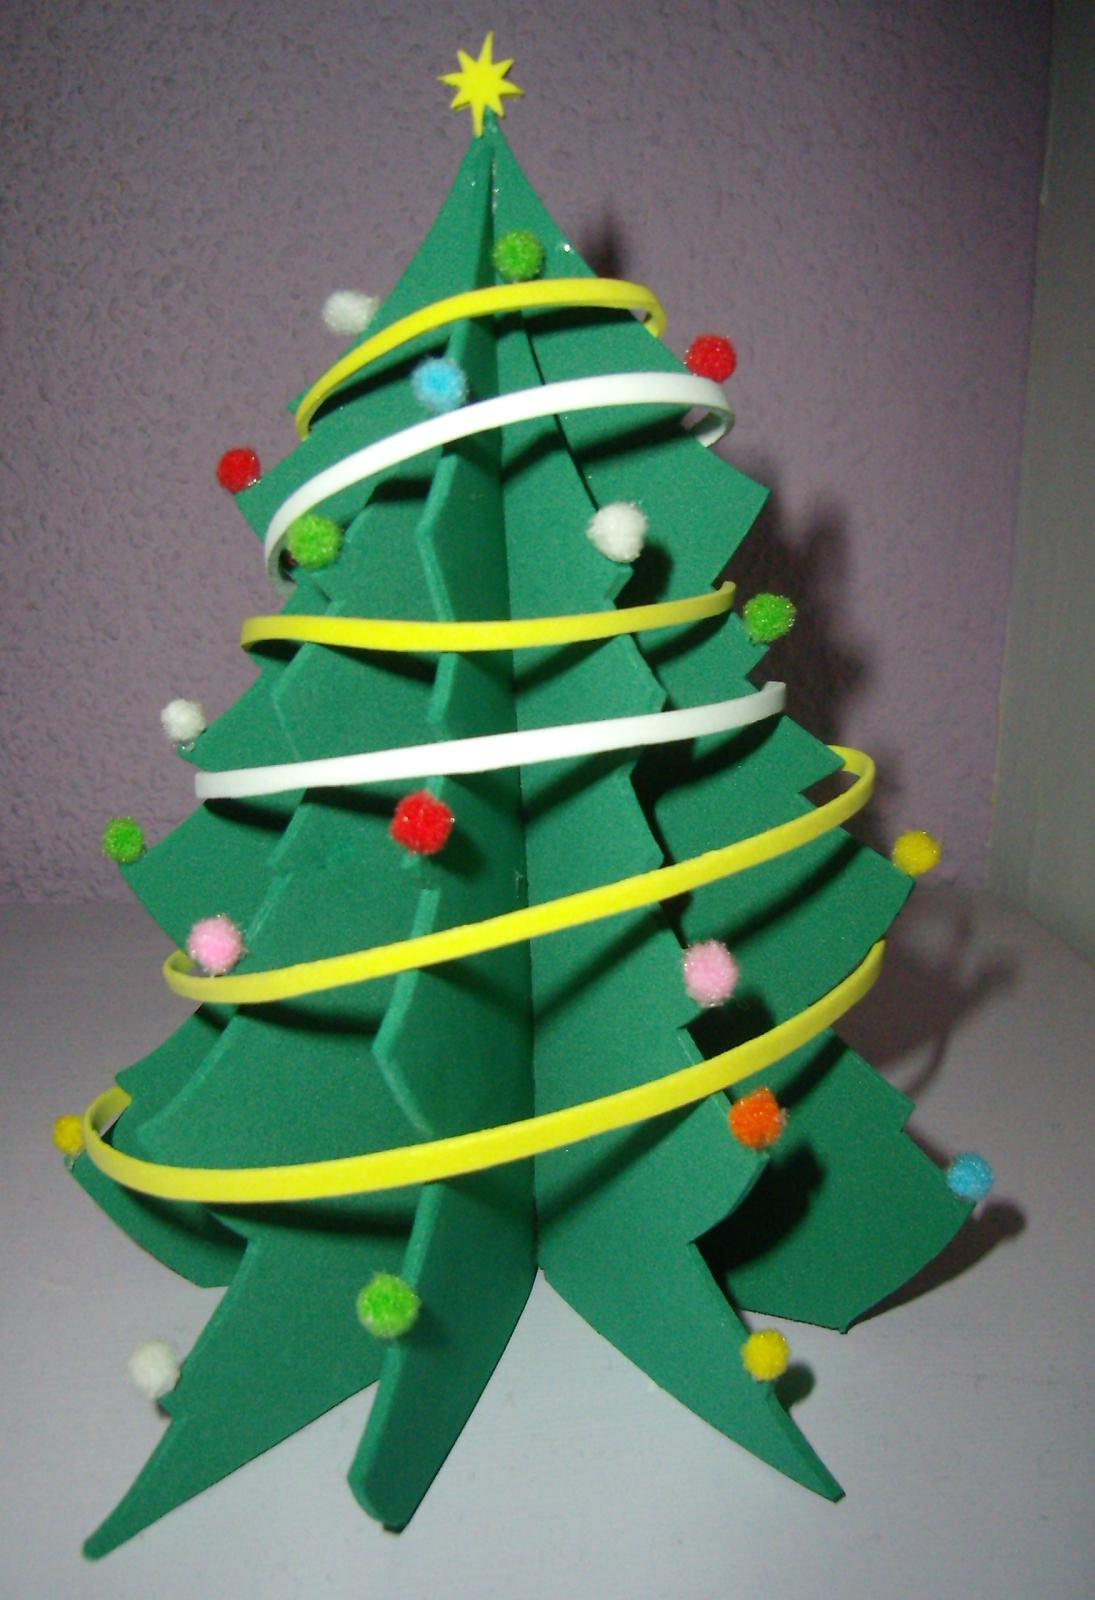 Como hacer un arbol de navidad en goma eva patrones con - Manualidades navidad arbol ...